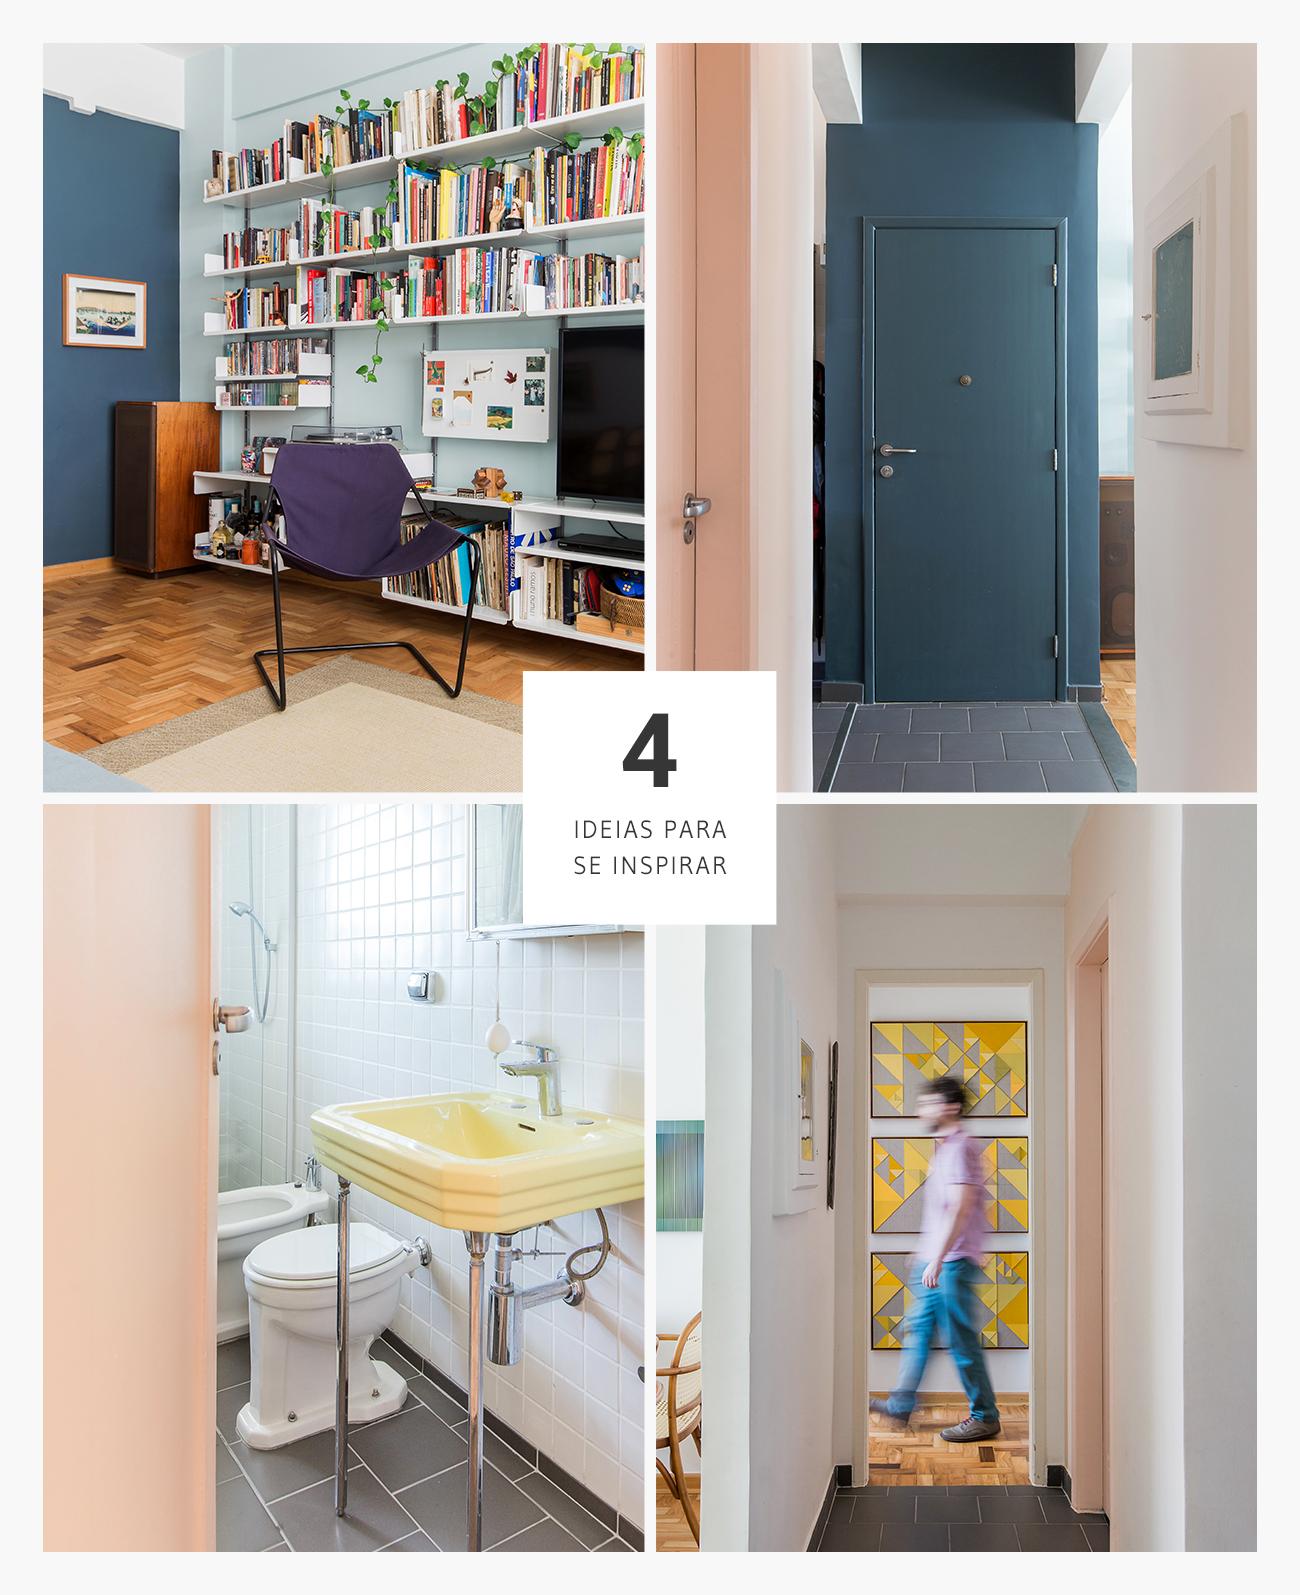 Apartamento com boas ideias sobre paredes coloridas